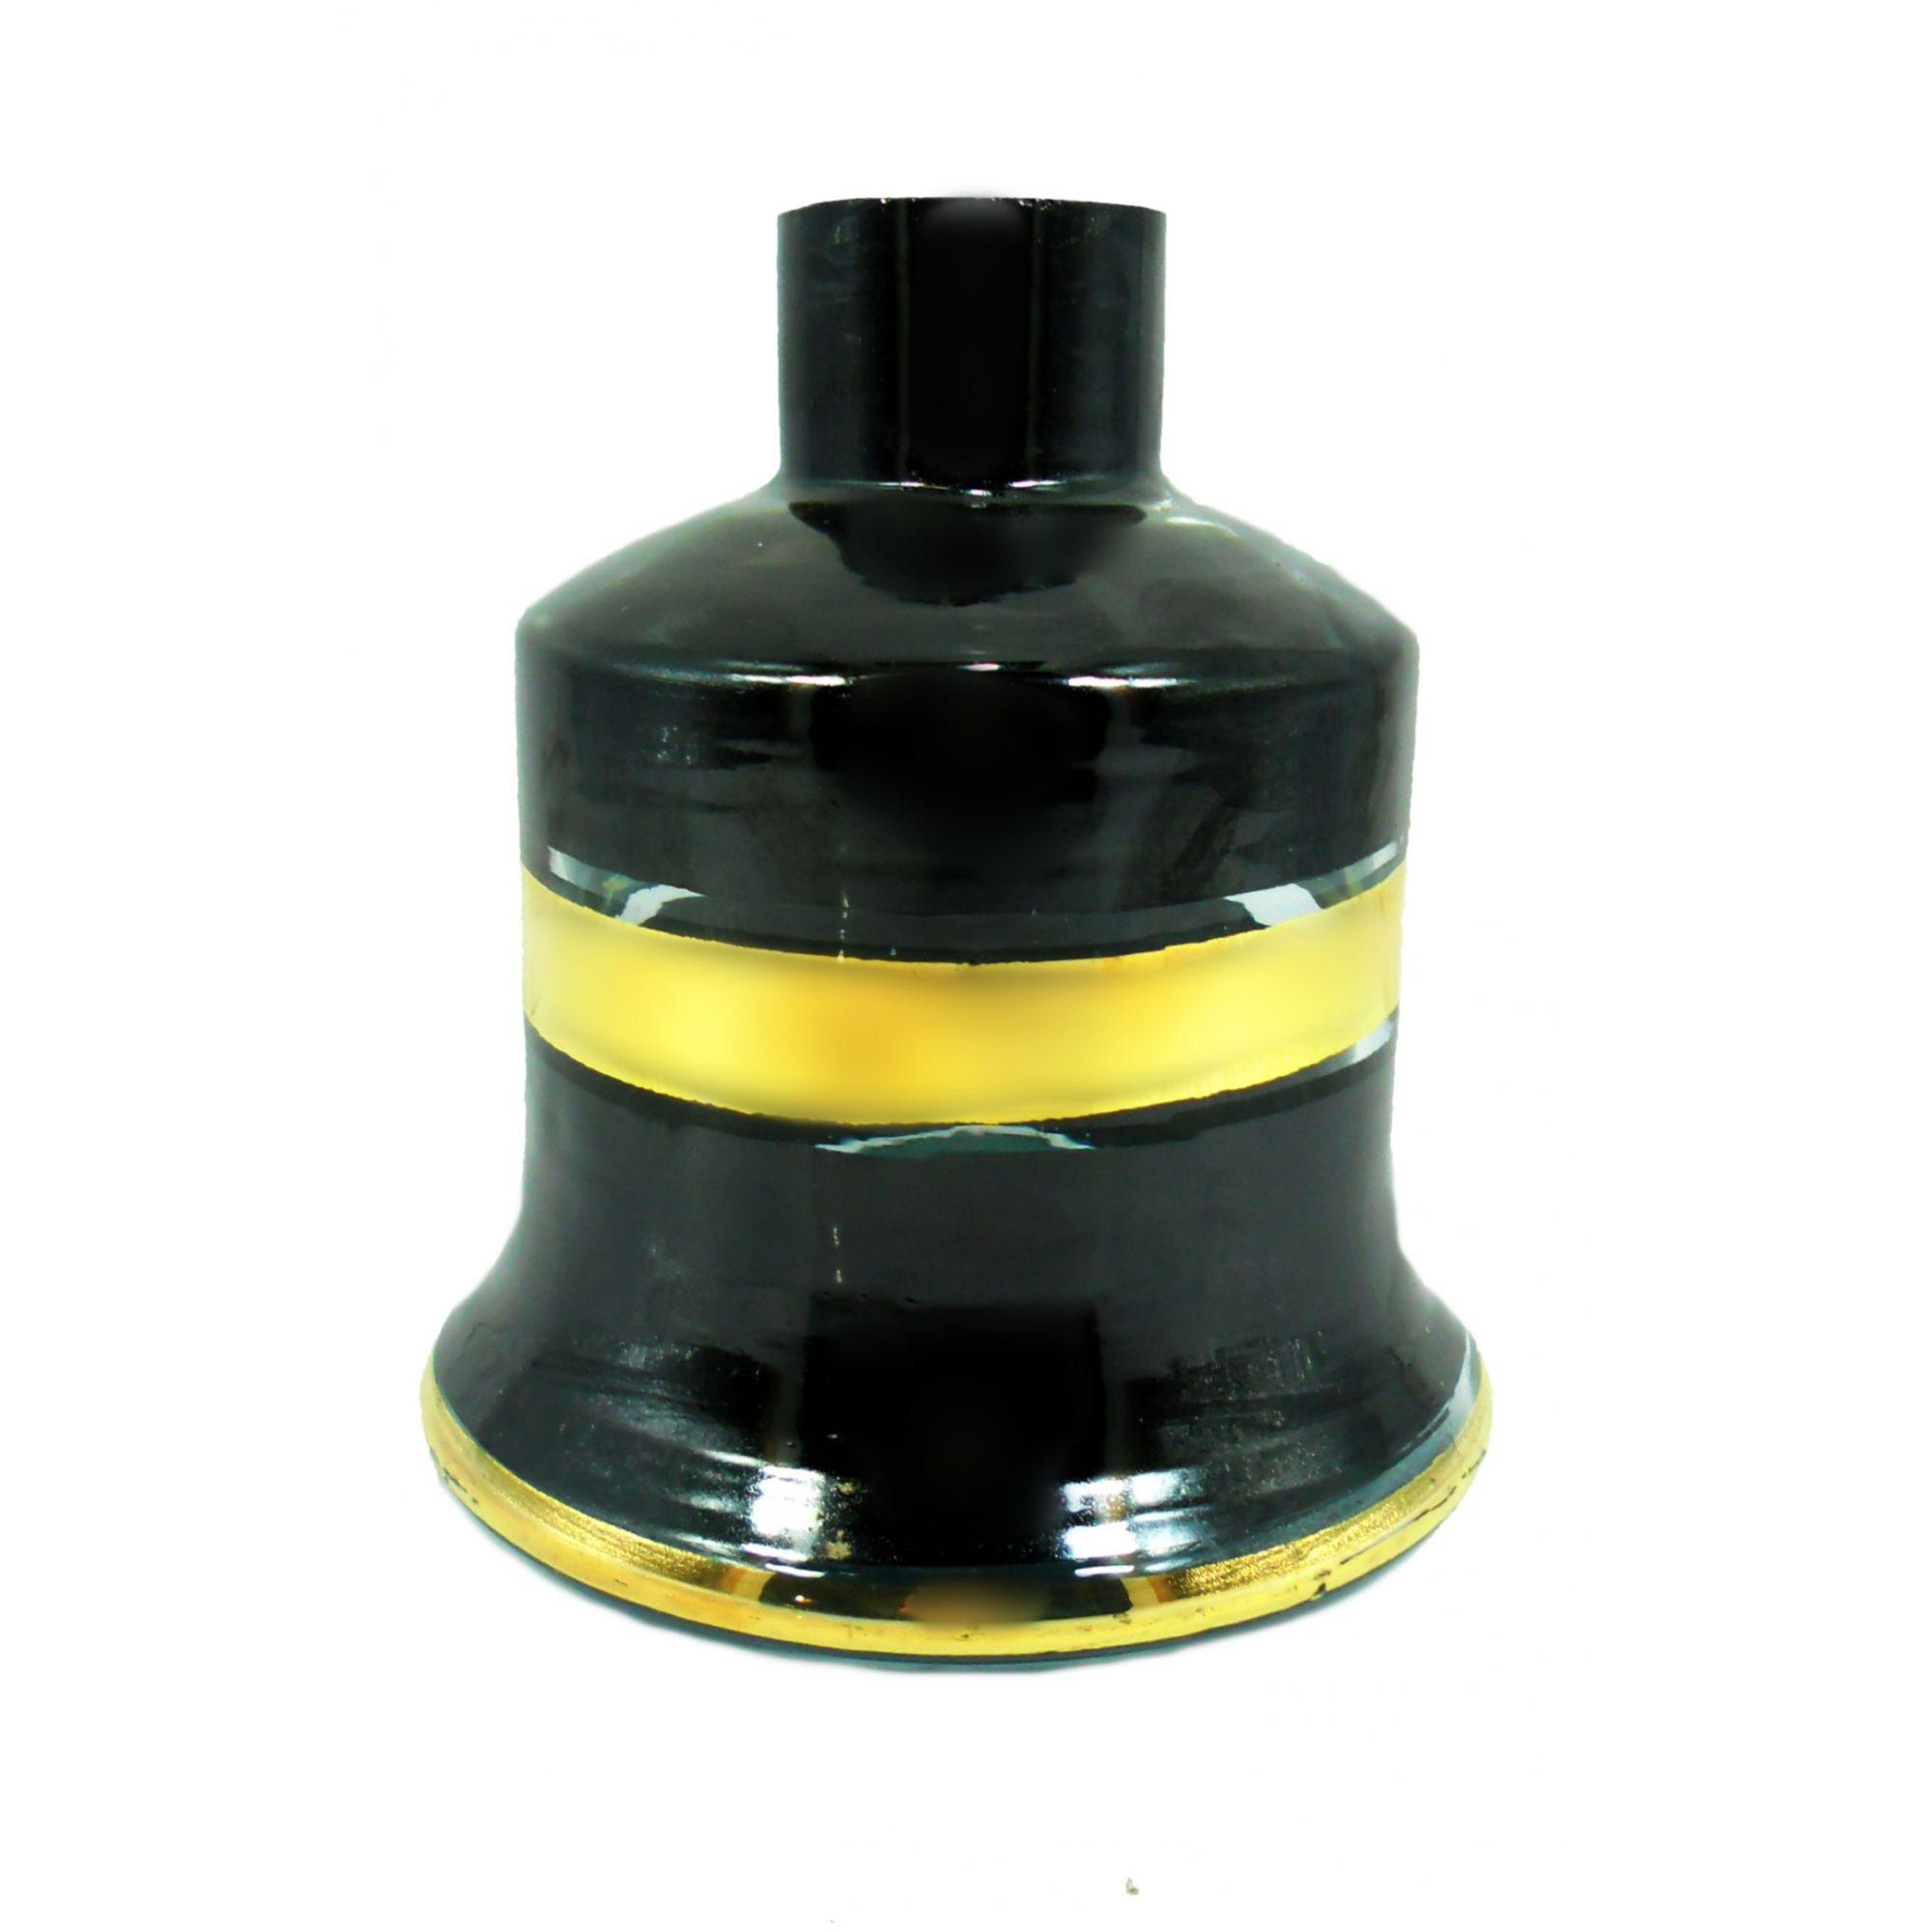 Vaso/base para narguile EVOLUTION Egípcio, macho 14cm, preto com listra dourada. Bocal 4,0cm diâm.